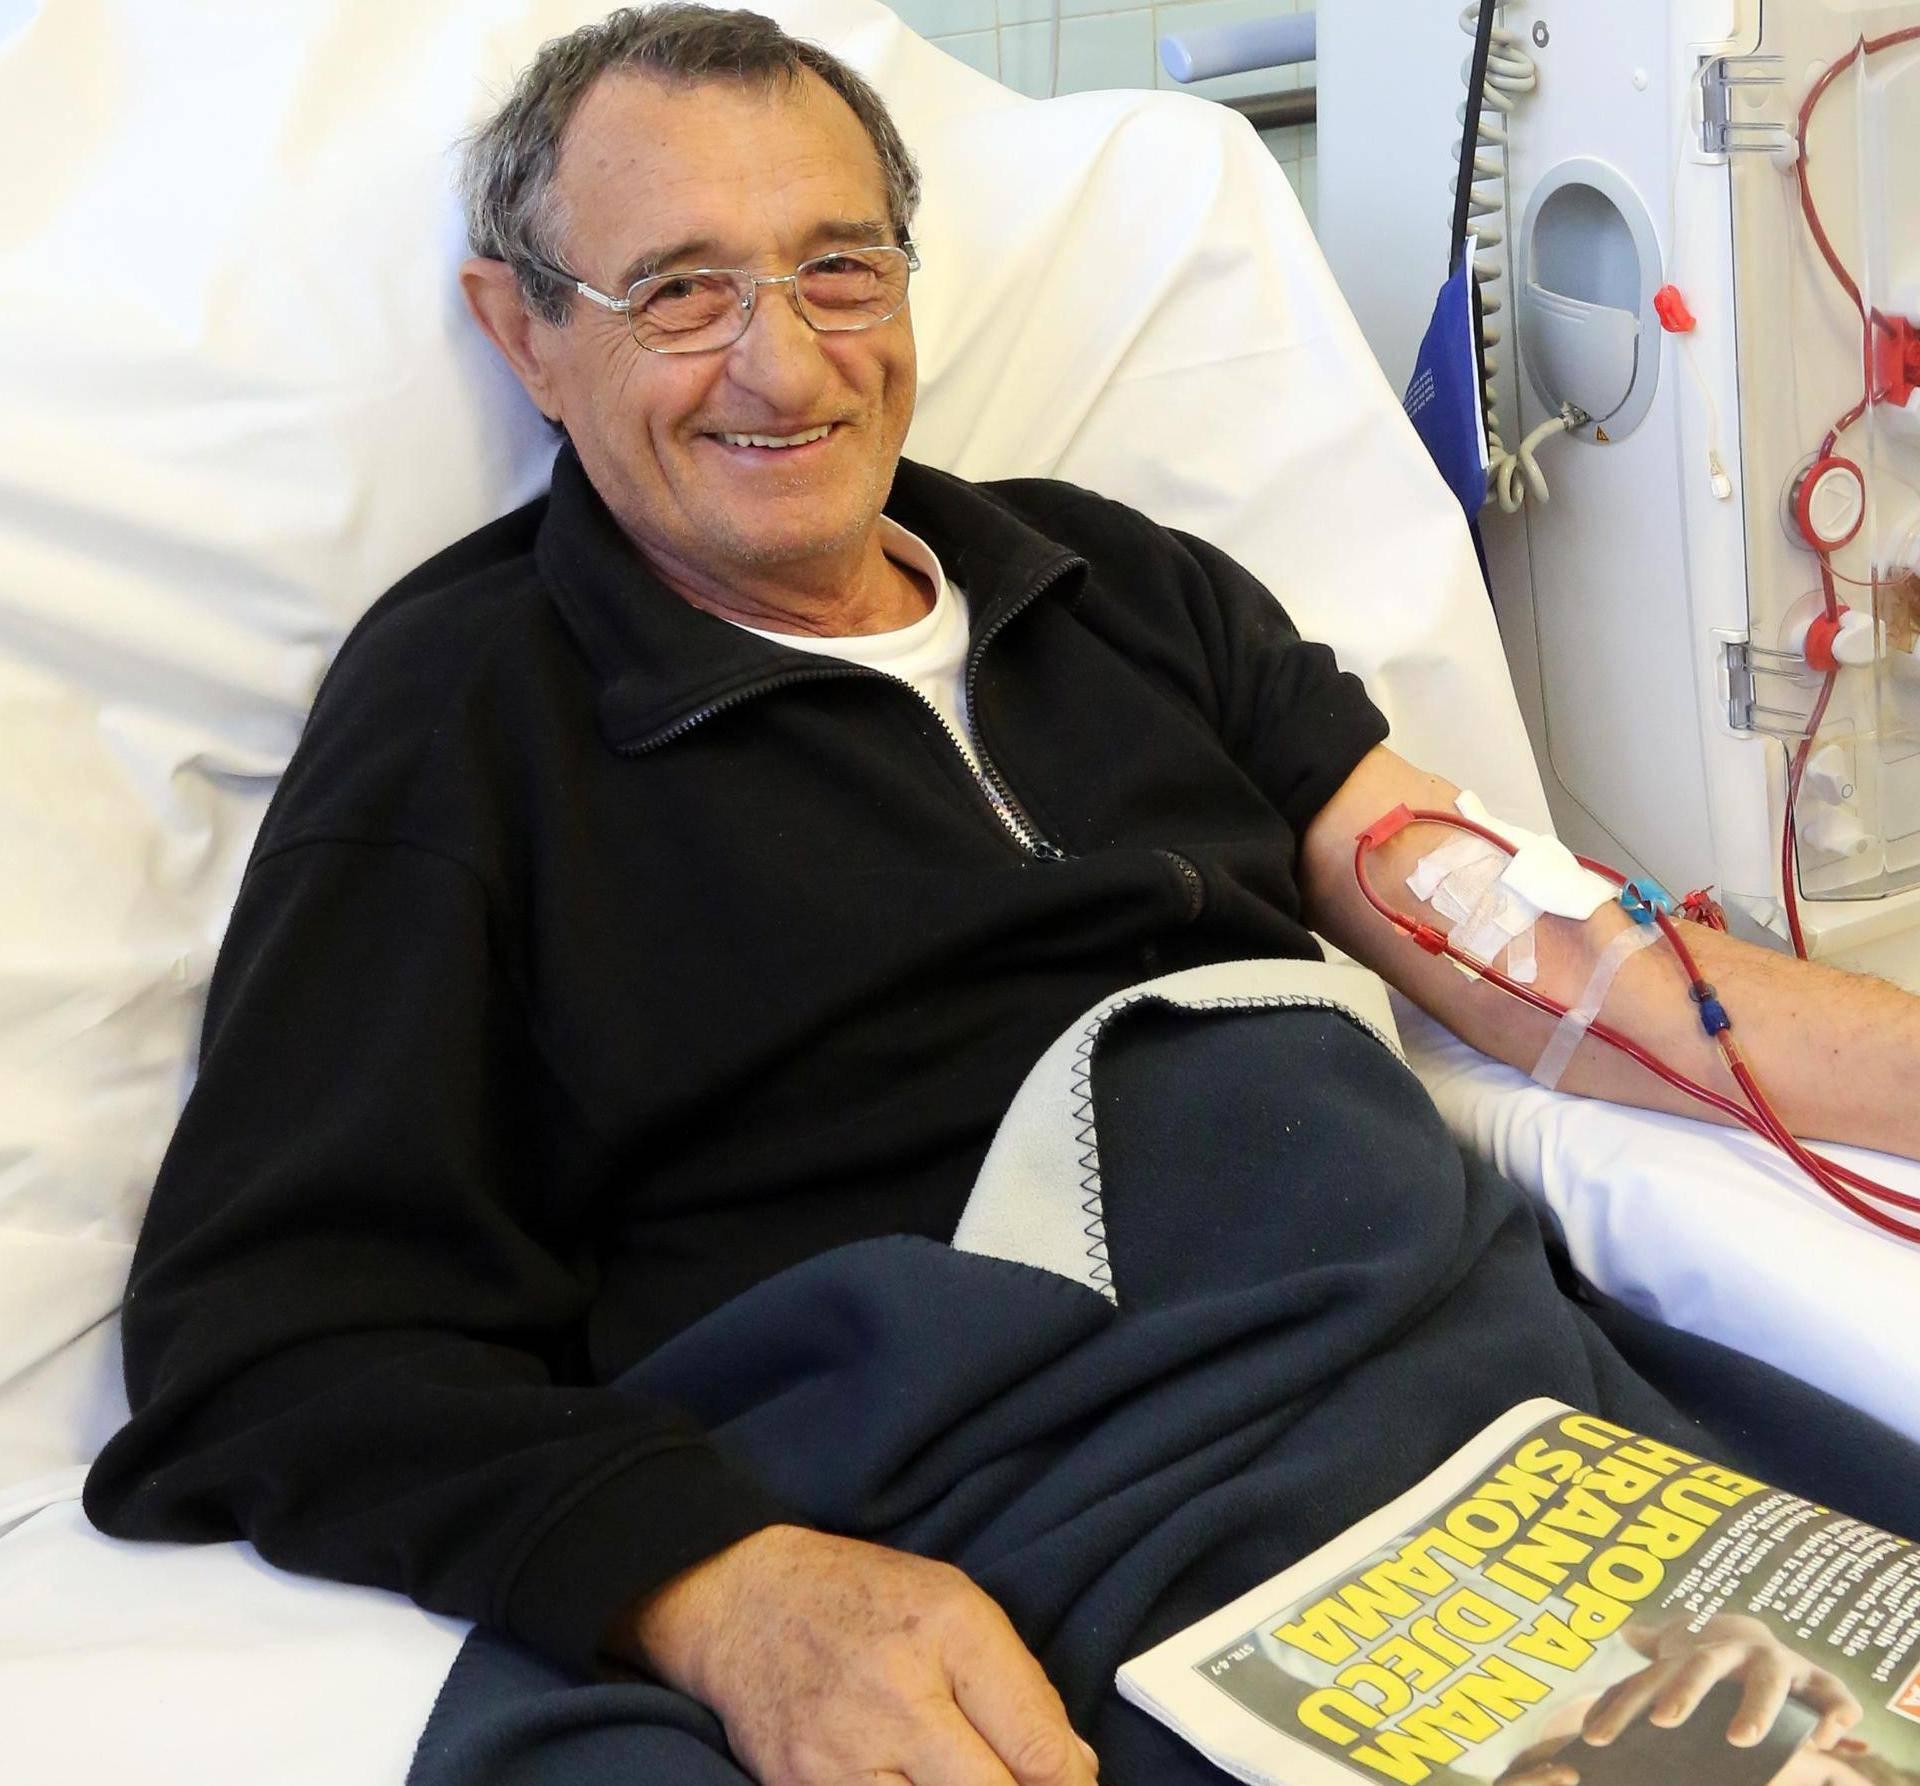 'Operirao sam debelo crijevo i srce, a na dijalizi čitam 24sata'